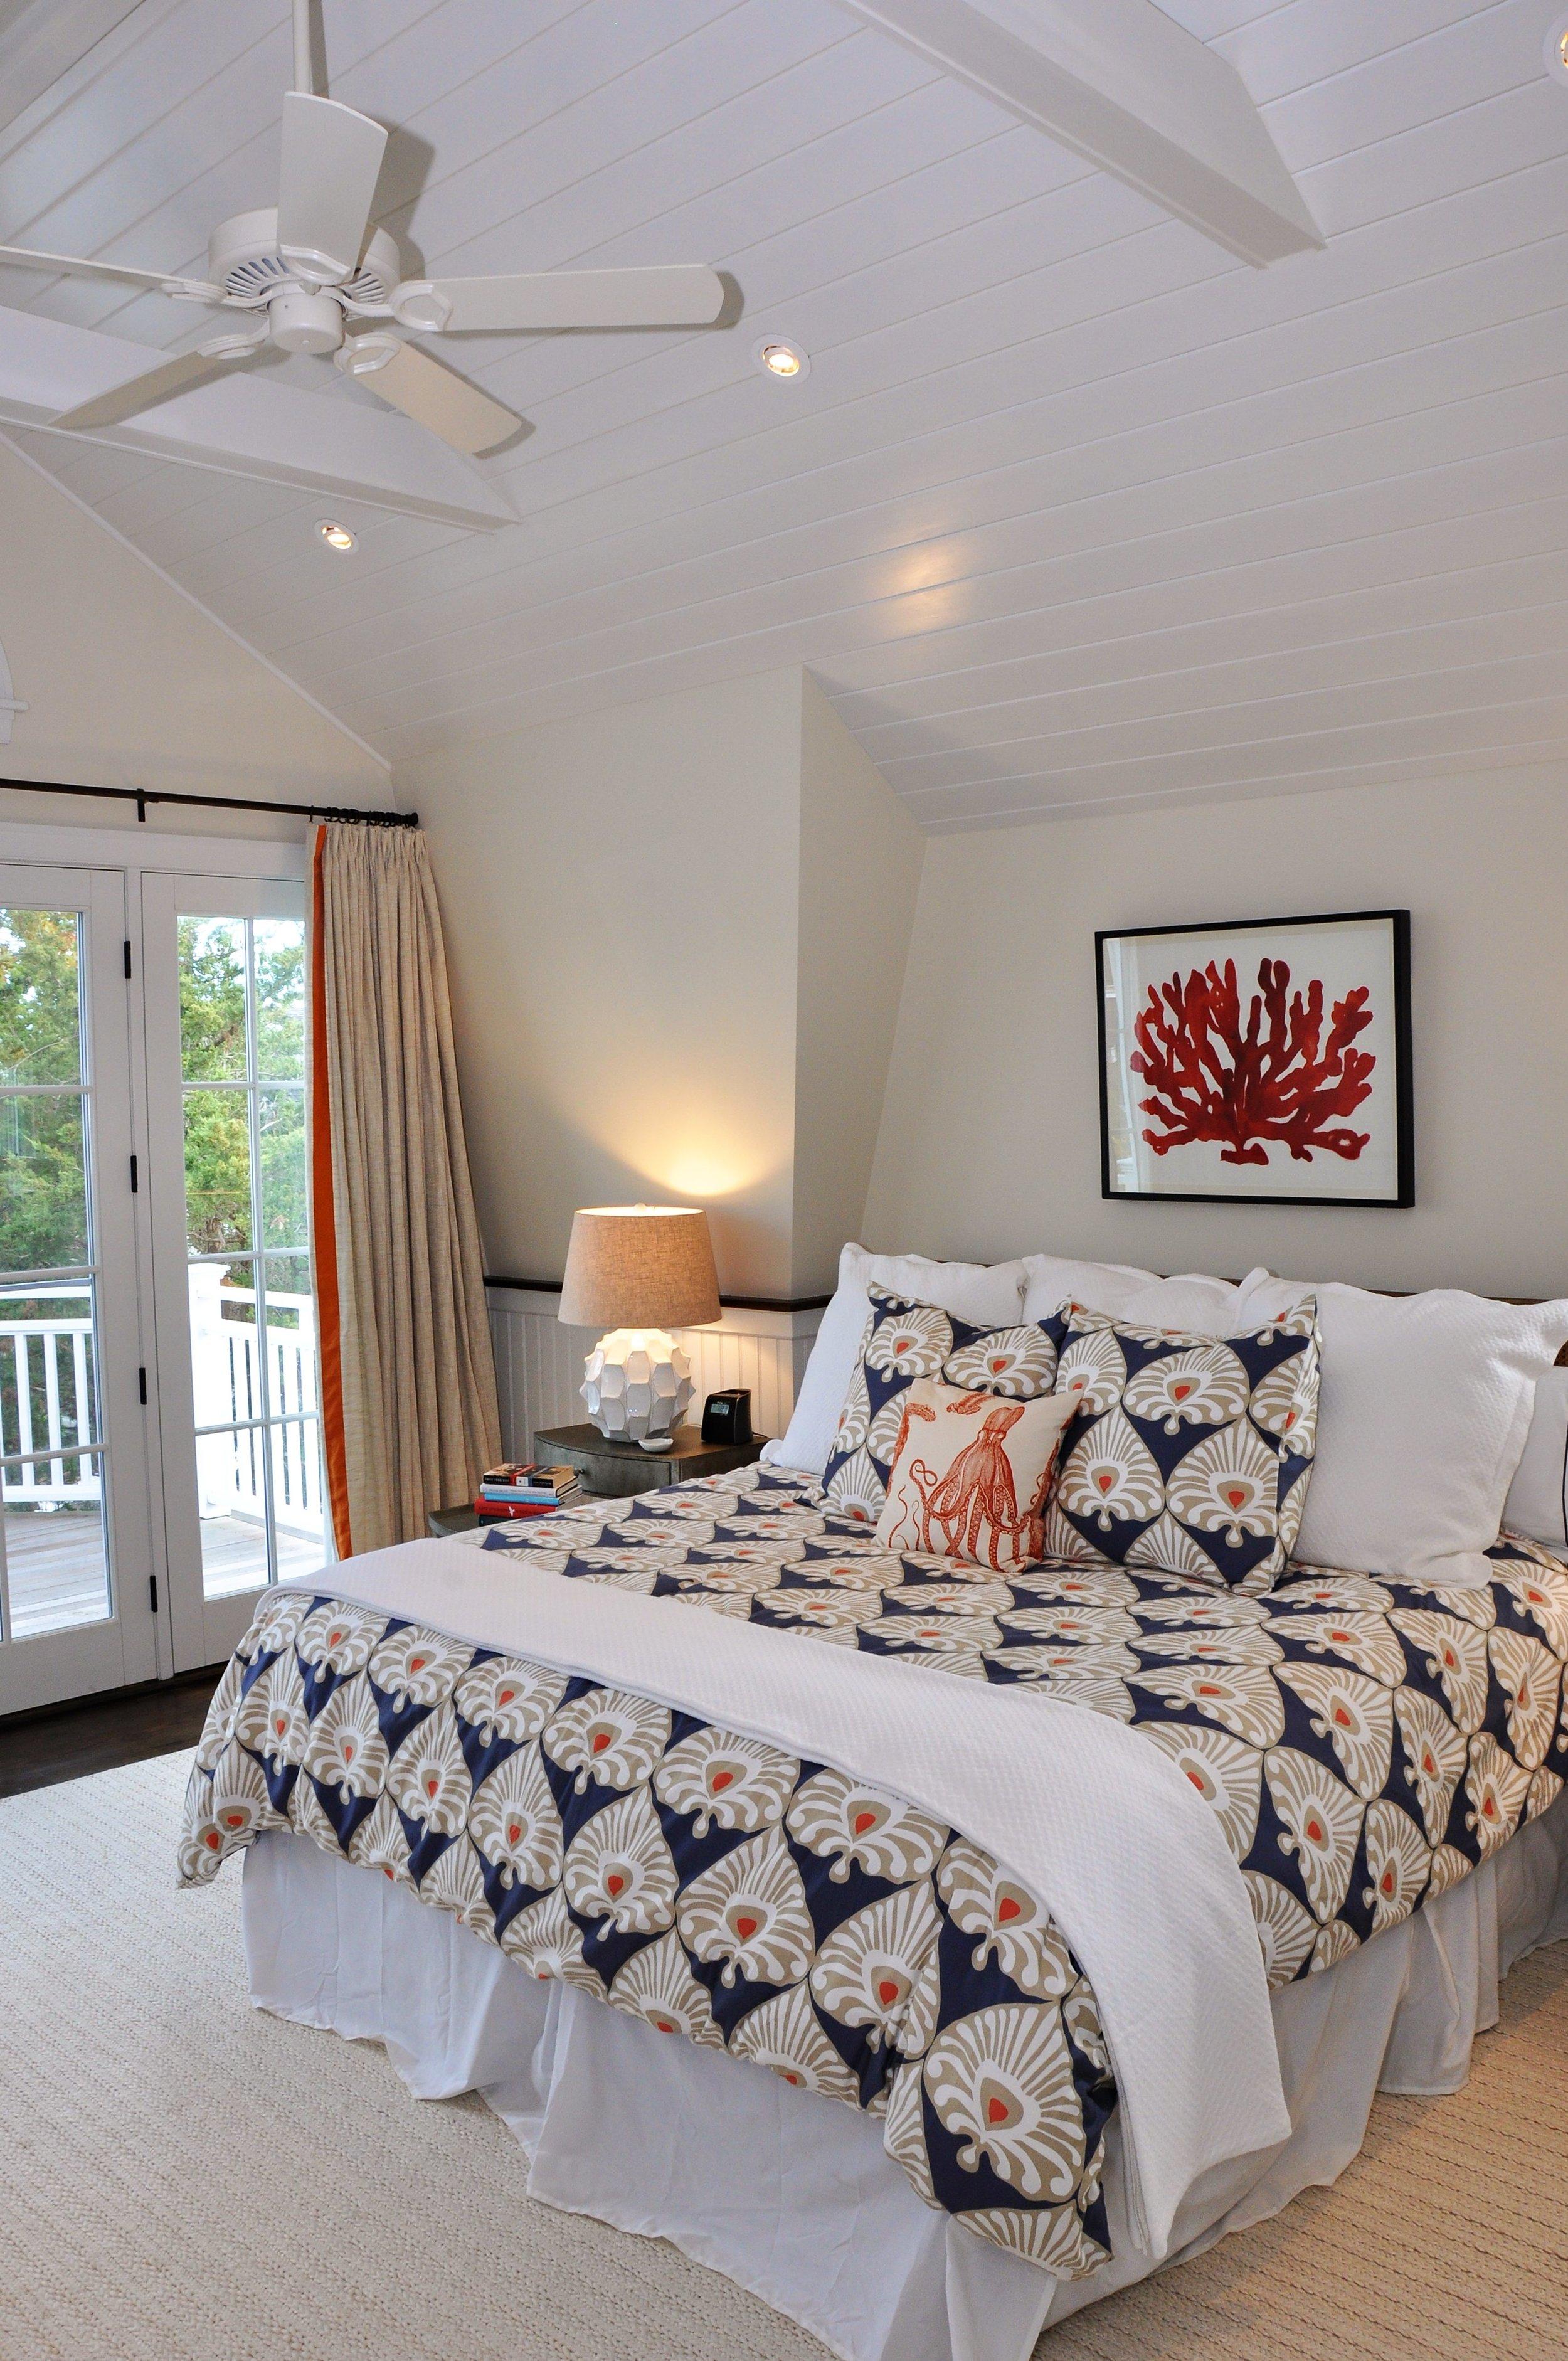 Vaulted_Ceiling_Fan_Exposed_Beams_Bedroom.jpg